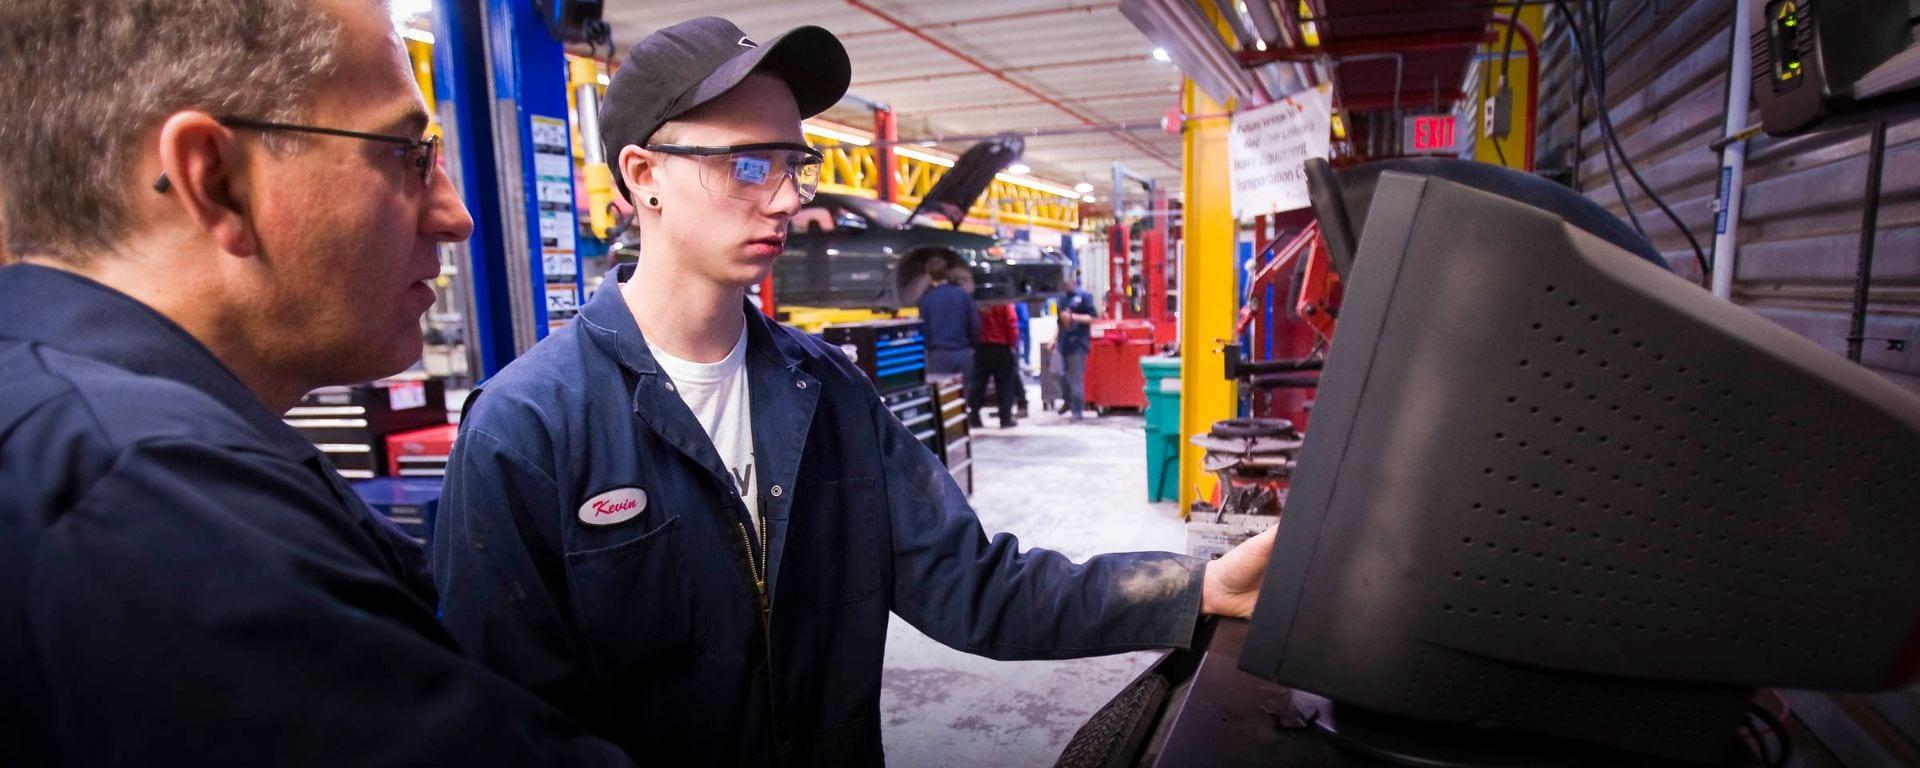 Automotive Technician - Certificate